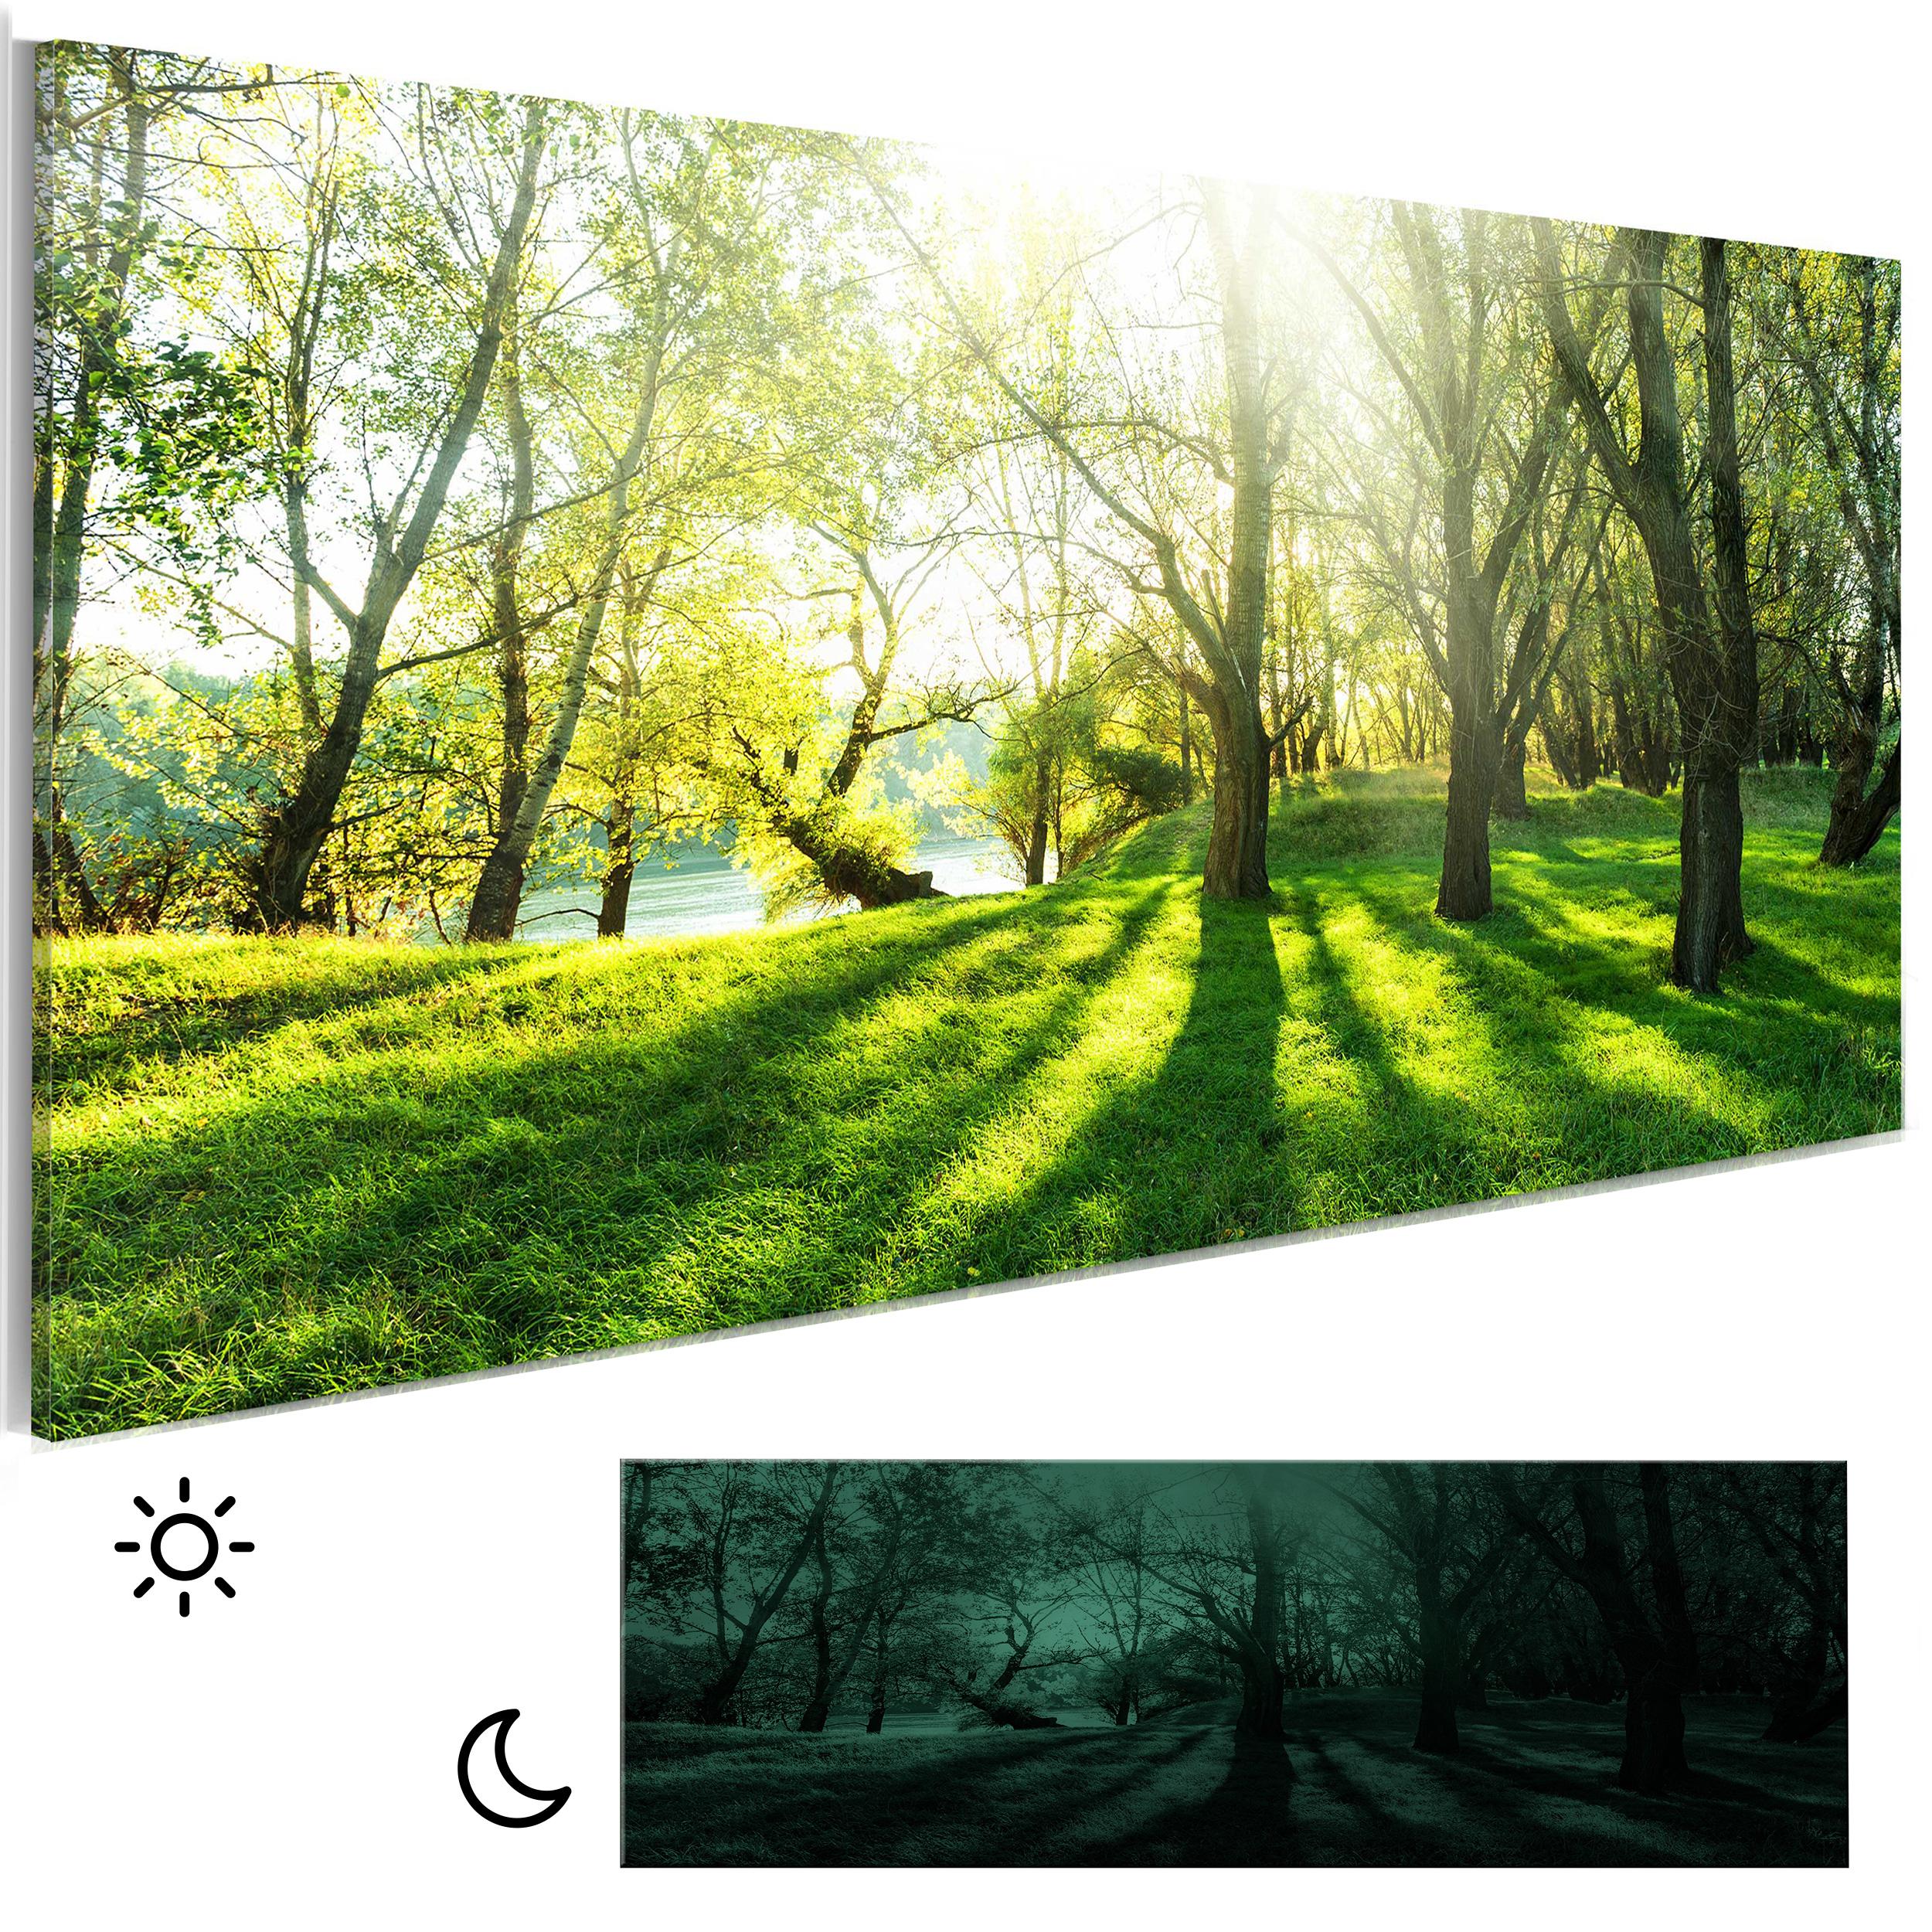 bilder leinwand bild blumen wald natur nachleuchtend leuchtbilder wandbild ebay. Black Bedroom Furniture Sets. Home Design Ideas